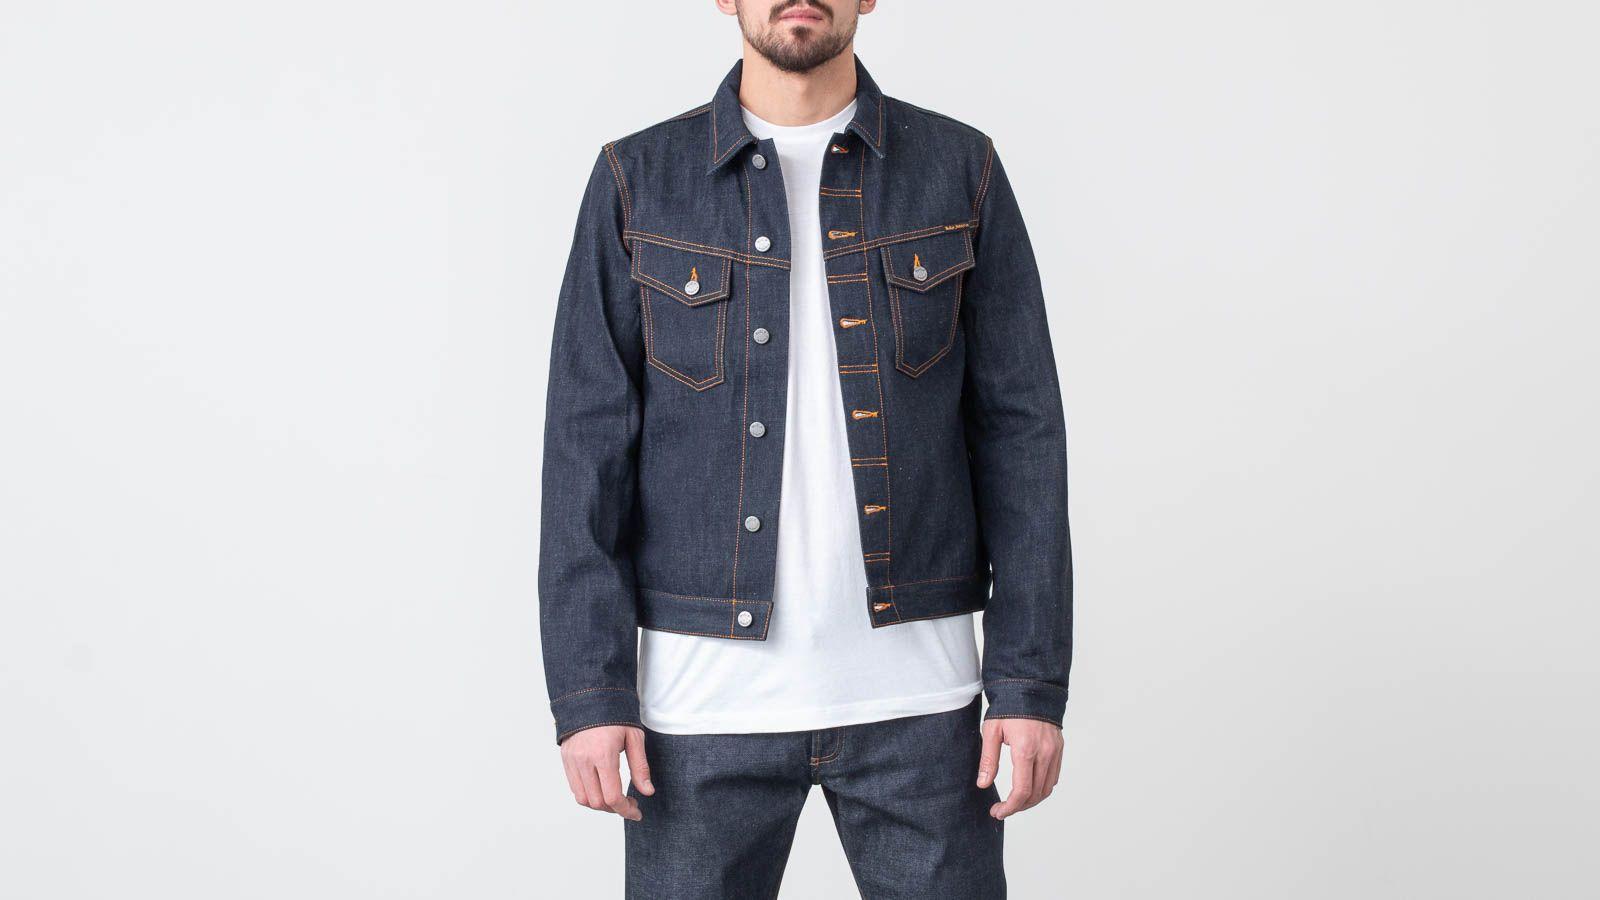 Nudie Jeans Kenny Dry Ecru Embo Jacket